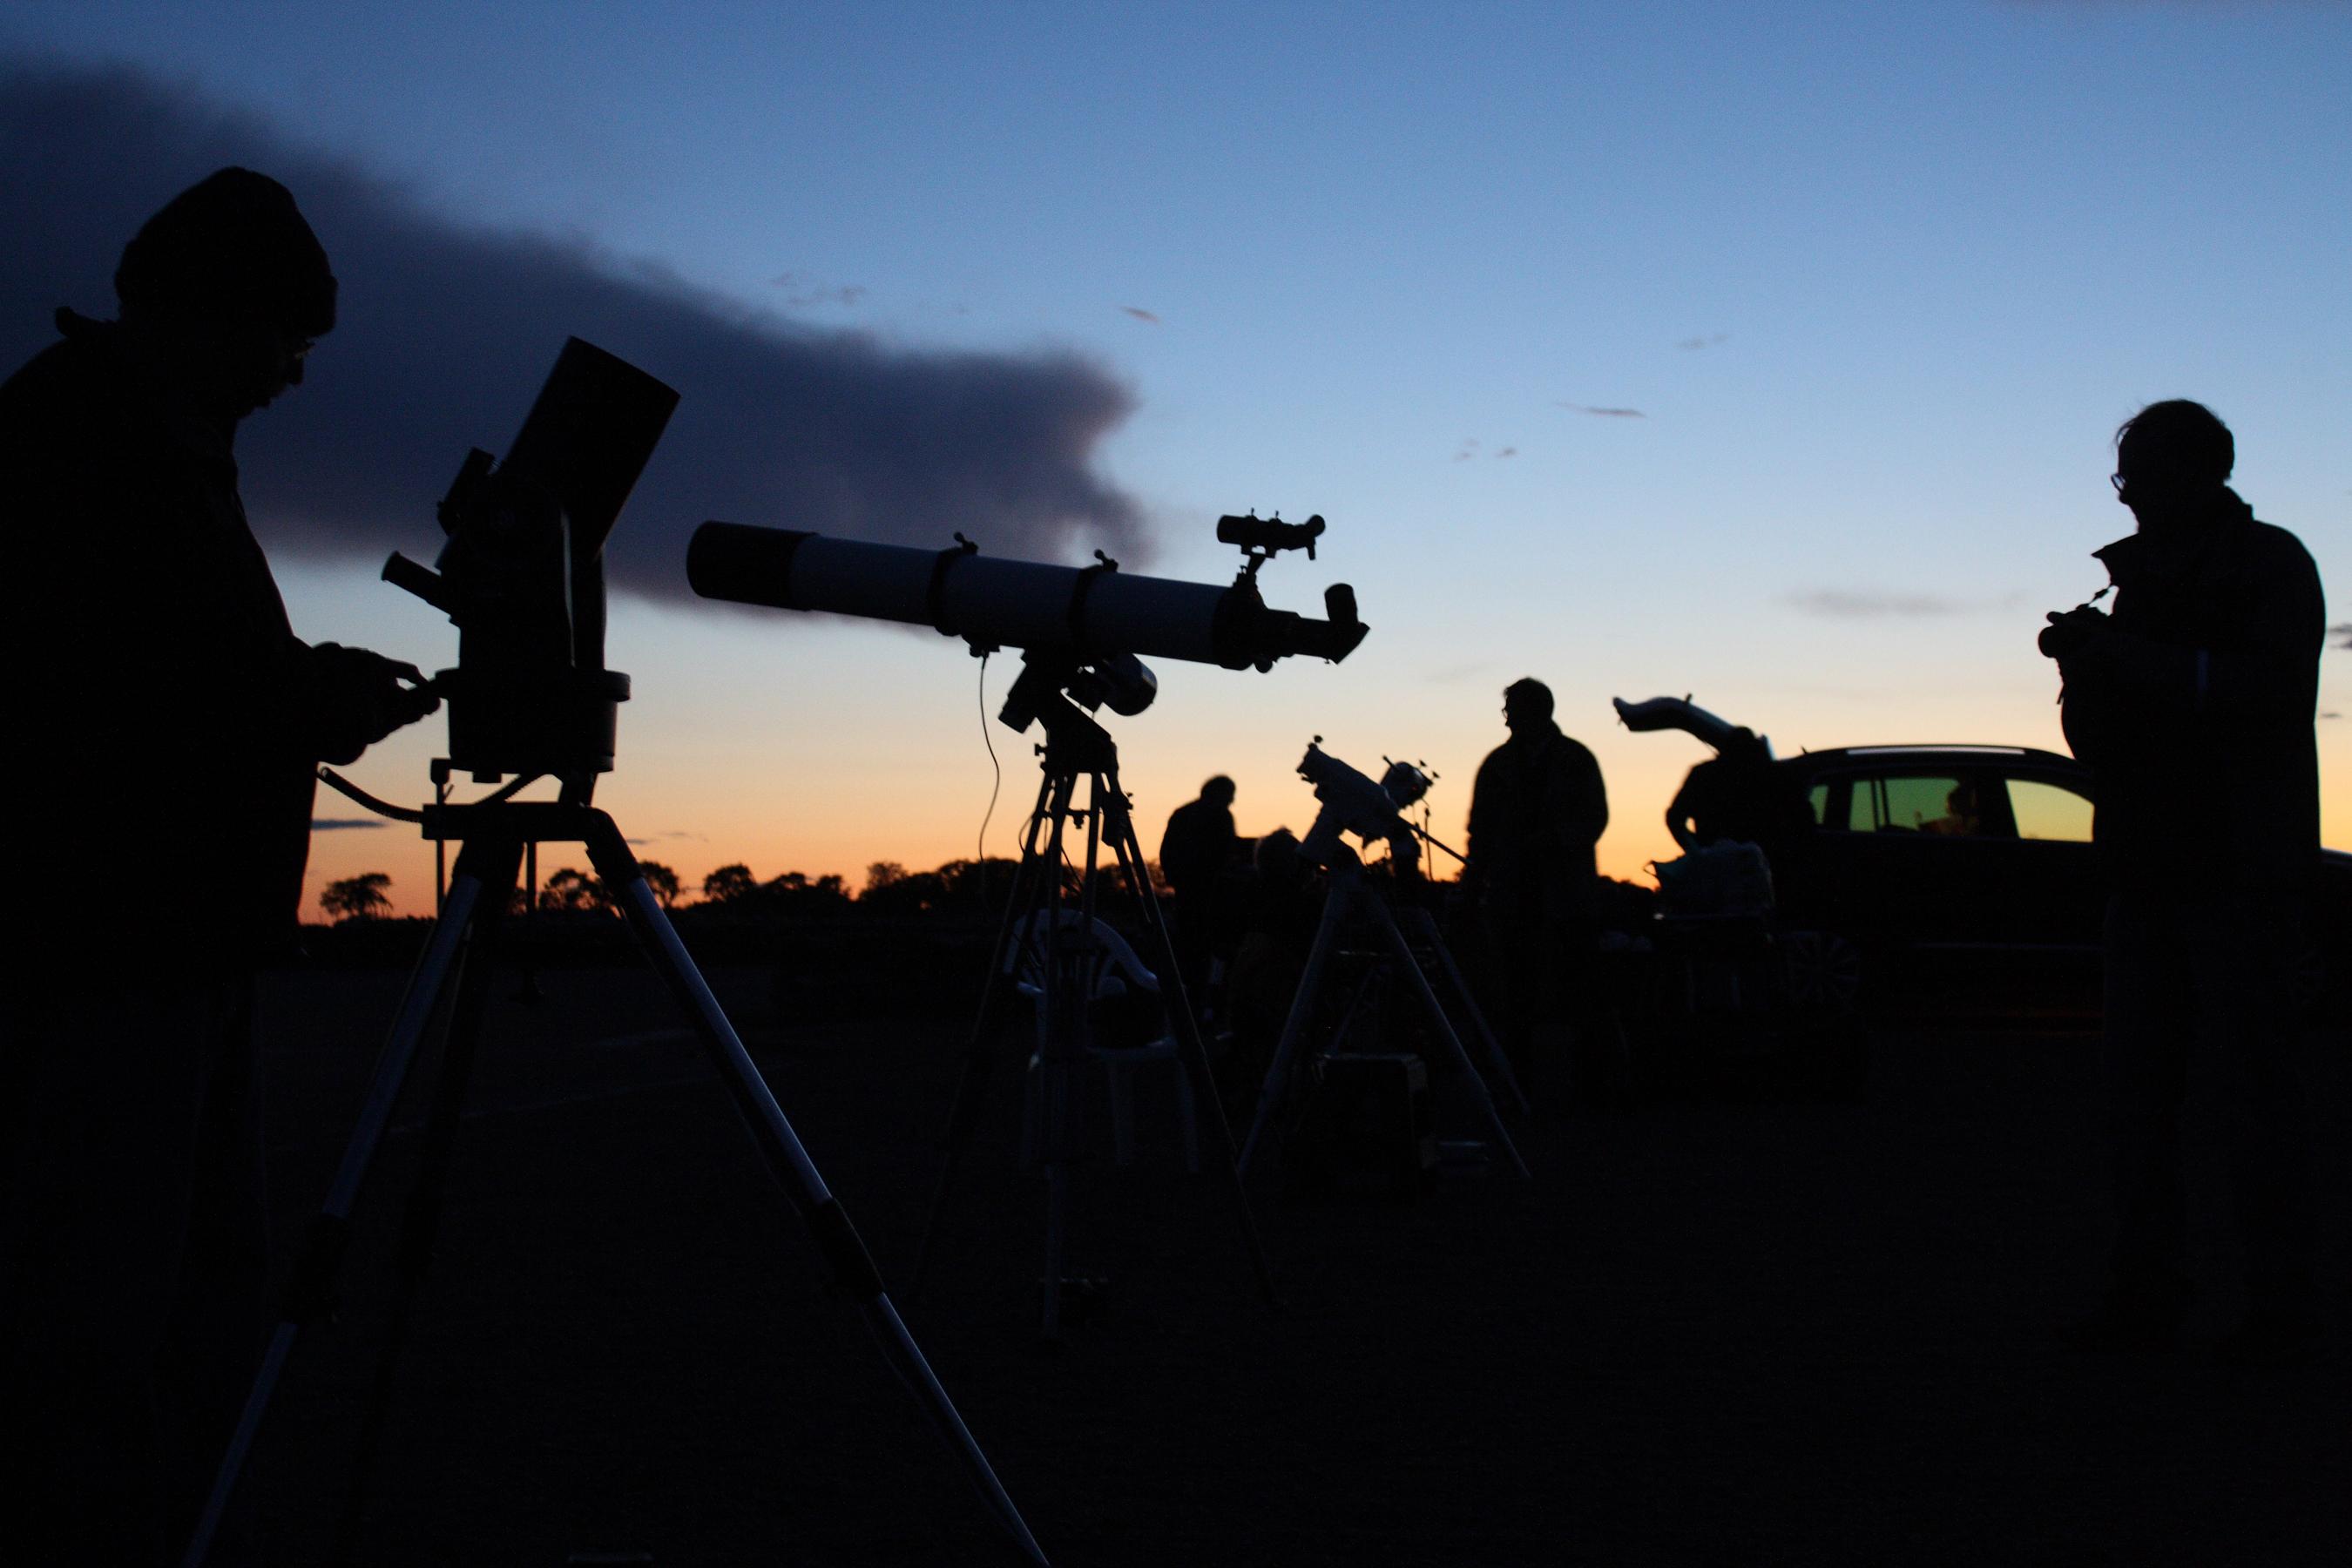 Sagittarius 13 är igång - många är trötta. Vintergatan var fantastiskt fin.Kvällen inleddes annars halvklart efter en eftermiddag med åsk- och regnskurar. Håll utkik på hemsidan. fler rapporter följer.